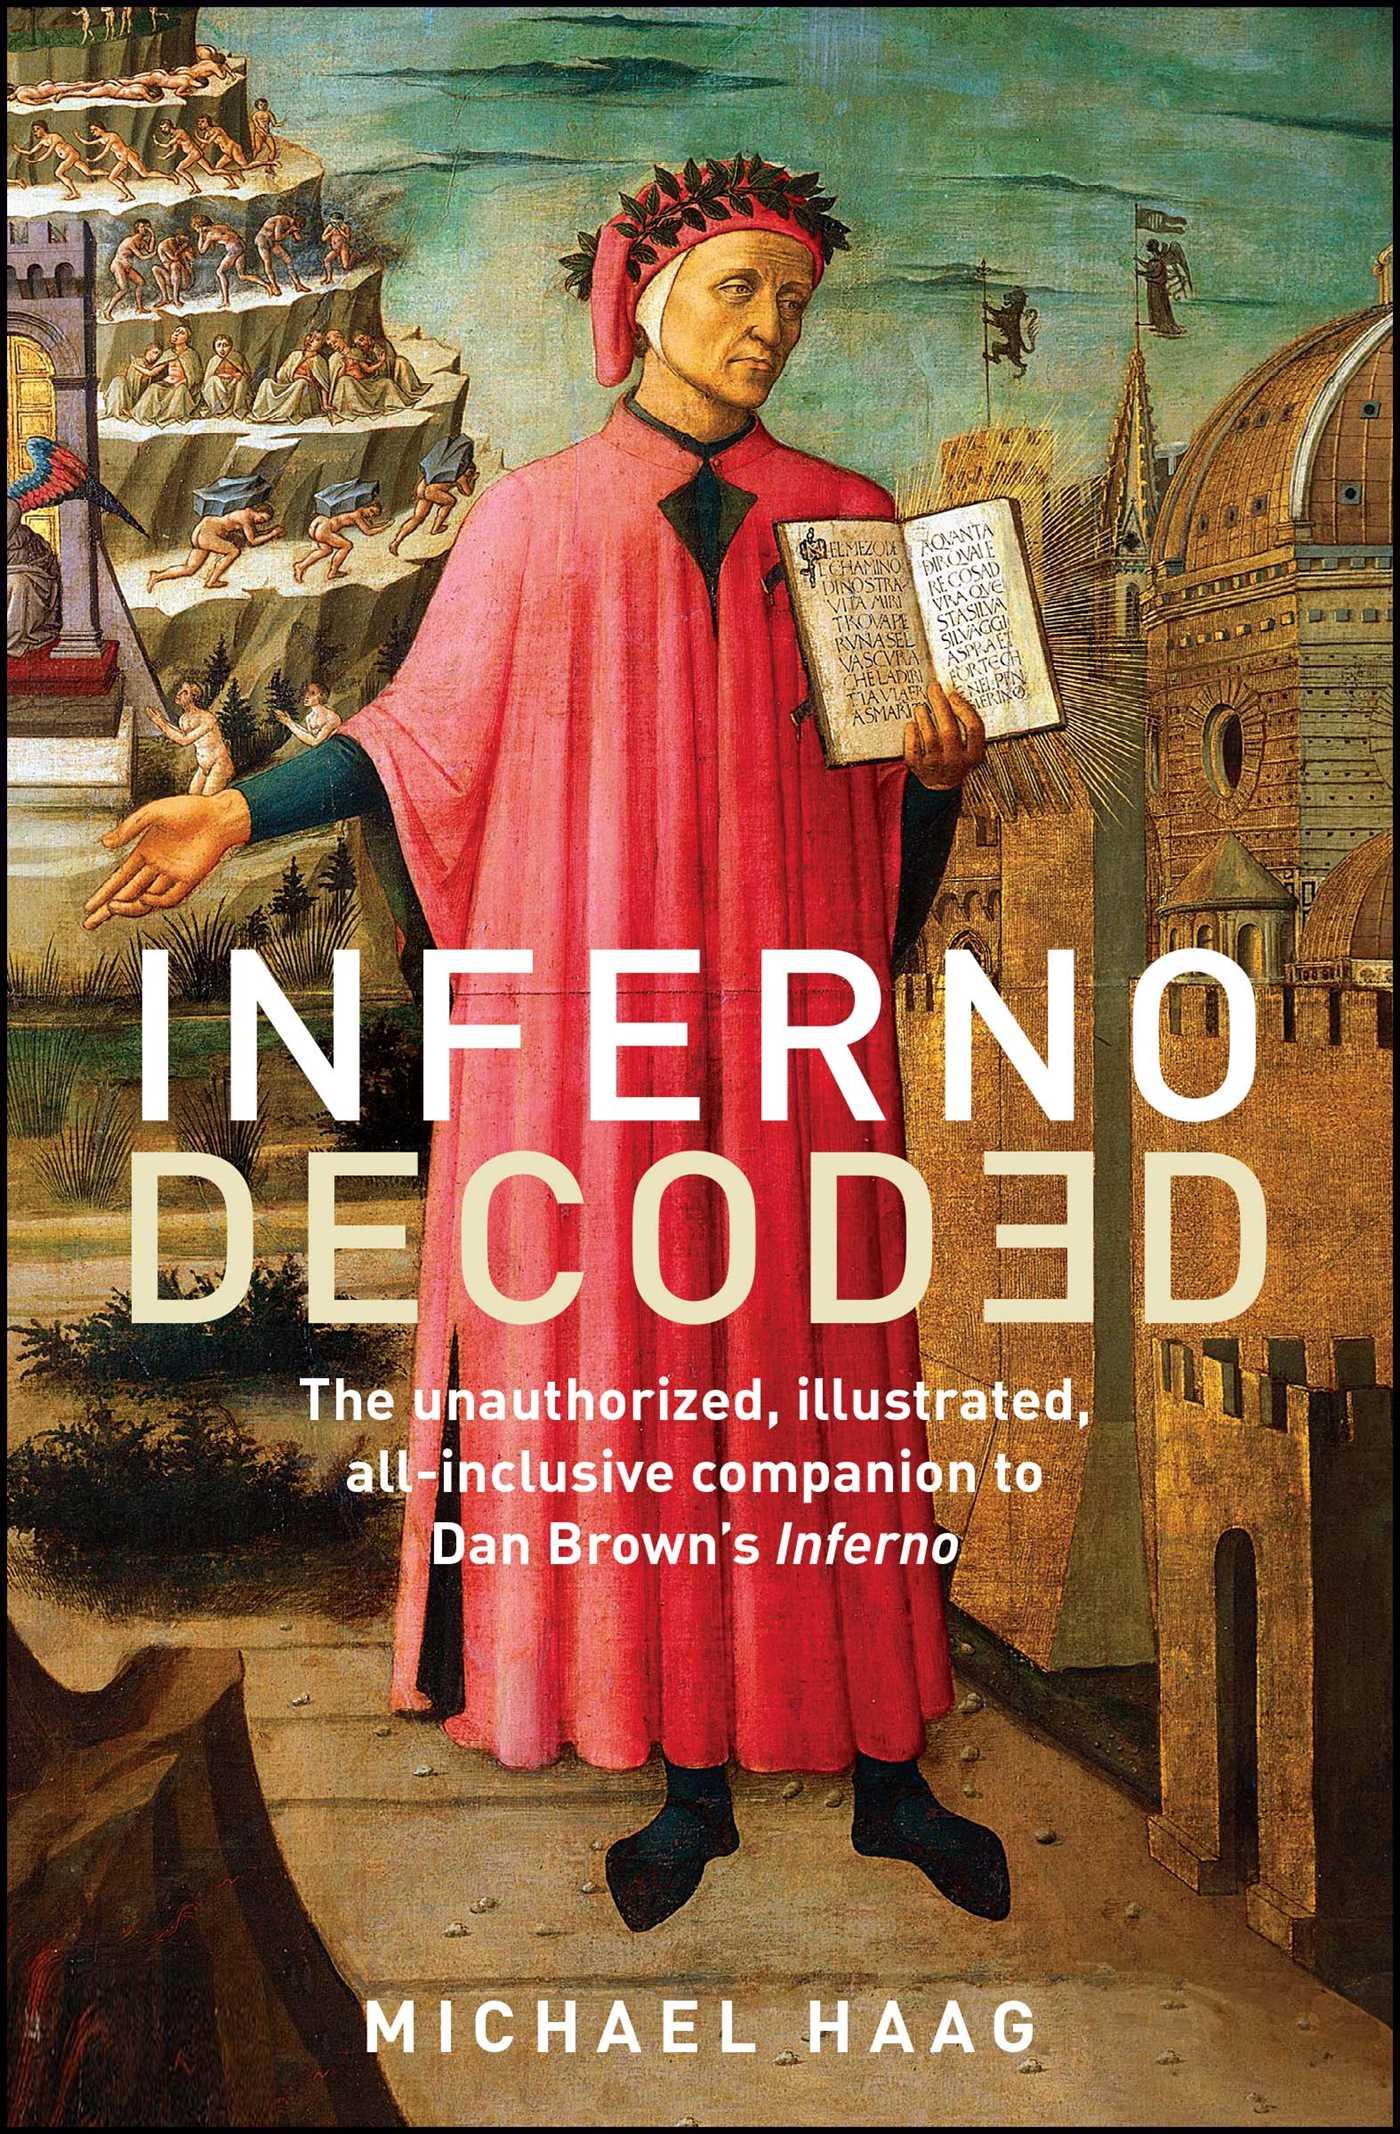 Inferno decoded 9781476753447 hr